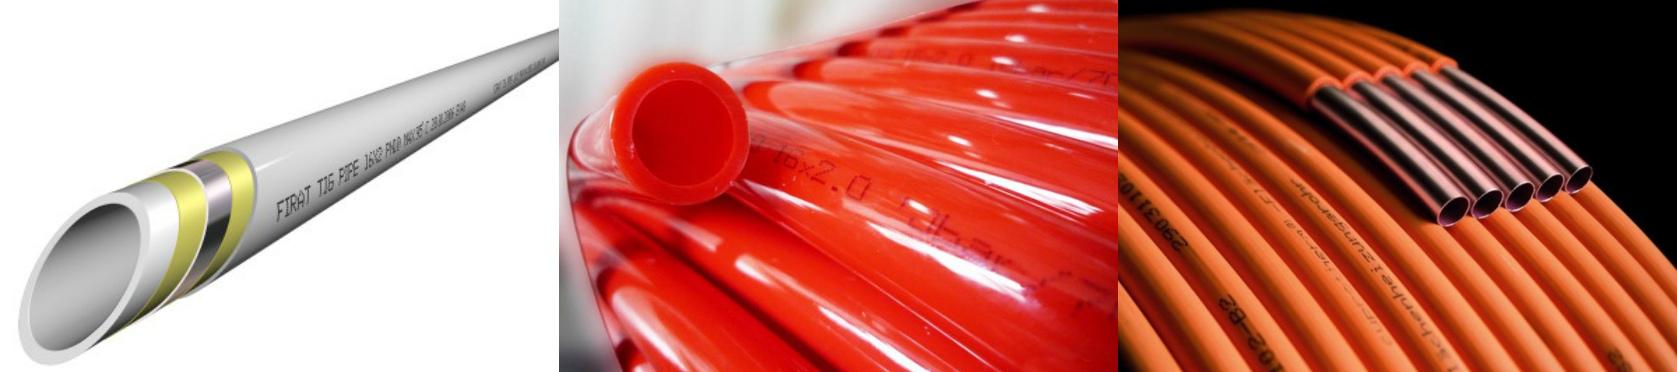 Трубы для водяного теплого пола